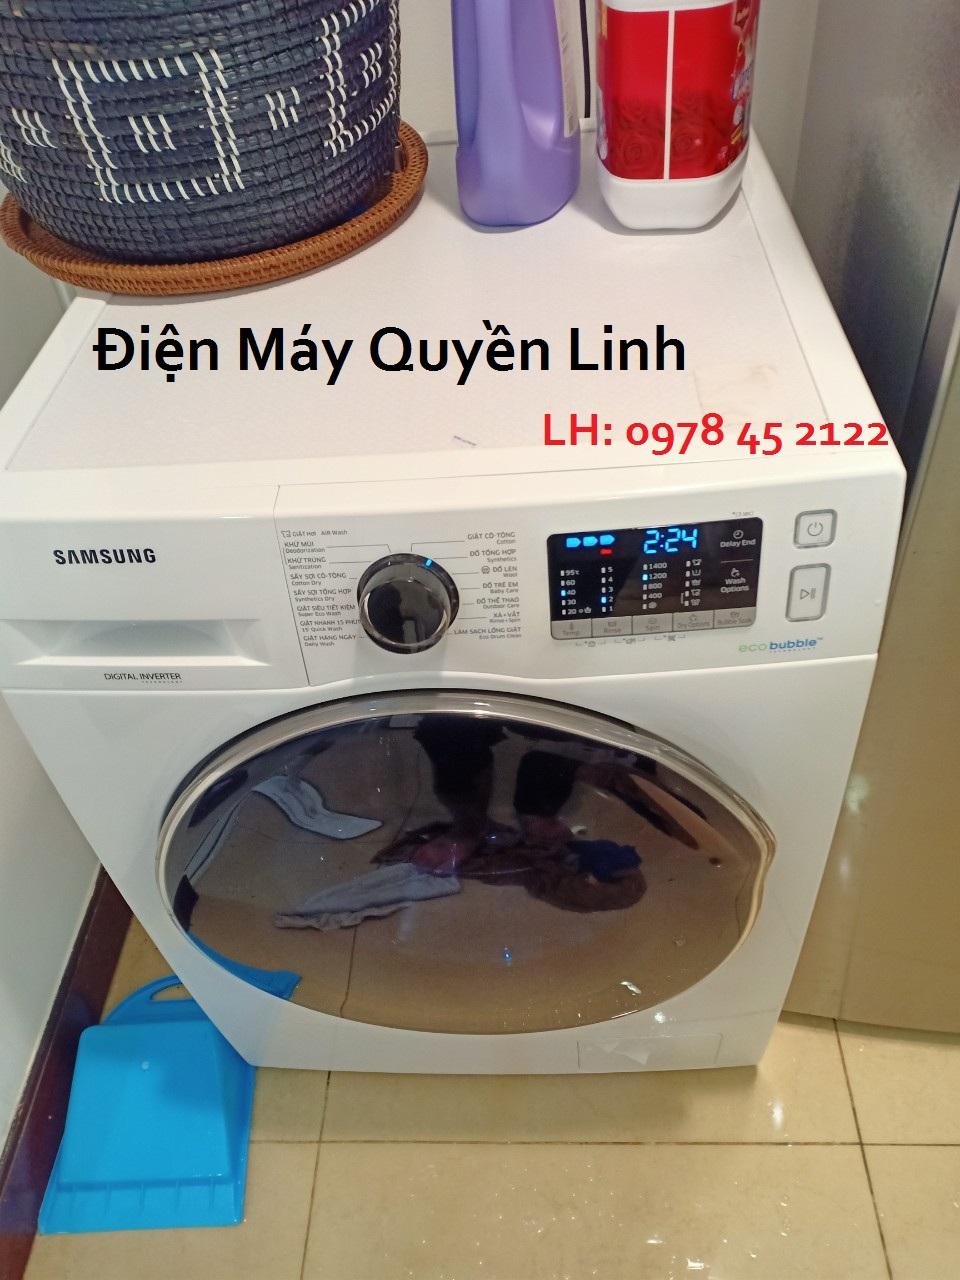 sua-chua-may-giat-dienmayquyenlinh